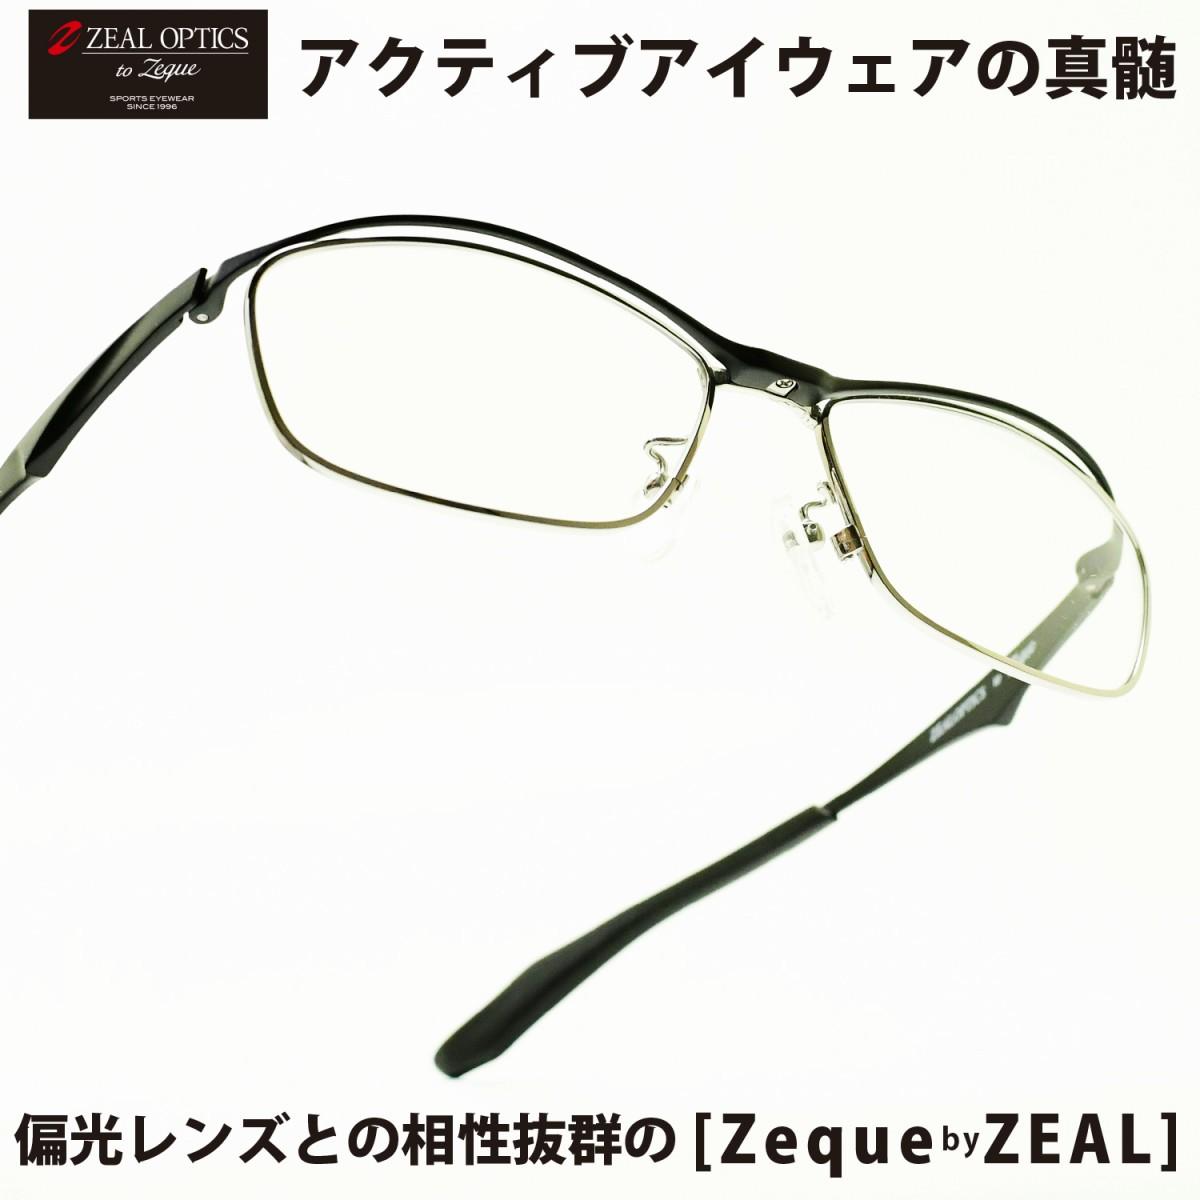 ZEAL ジール Zeque by ZEAL OPTICSWalz AltBLACKメガネ 眼鏡 めがね メンズ レディース おしゃれ ブランド 人気 おすすめ フレーム 流行り 度付き レンズ